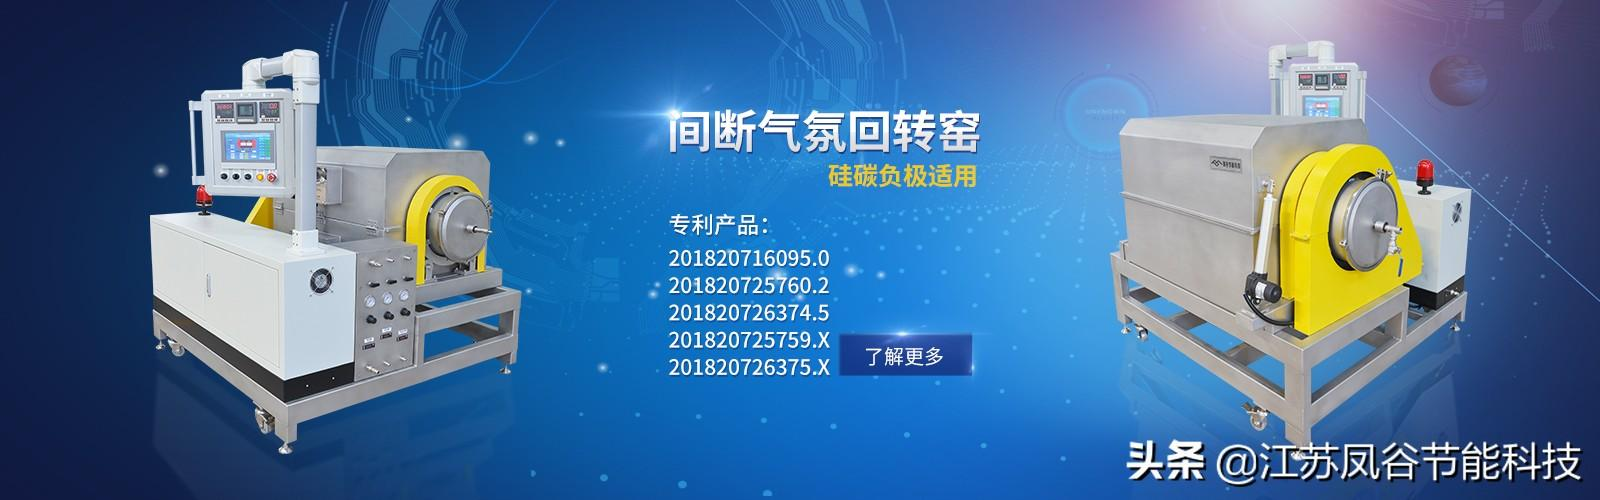 凤谷节能科技 锂电材料 回转烧结窑